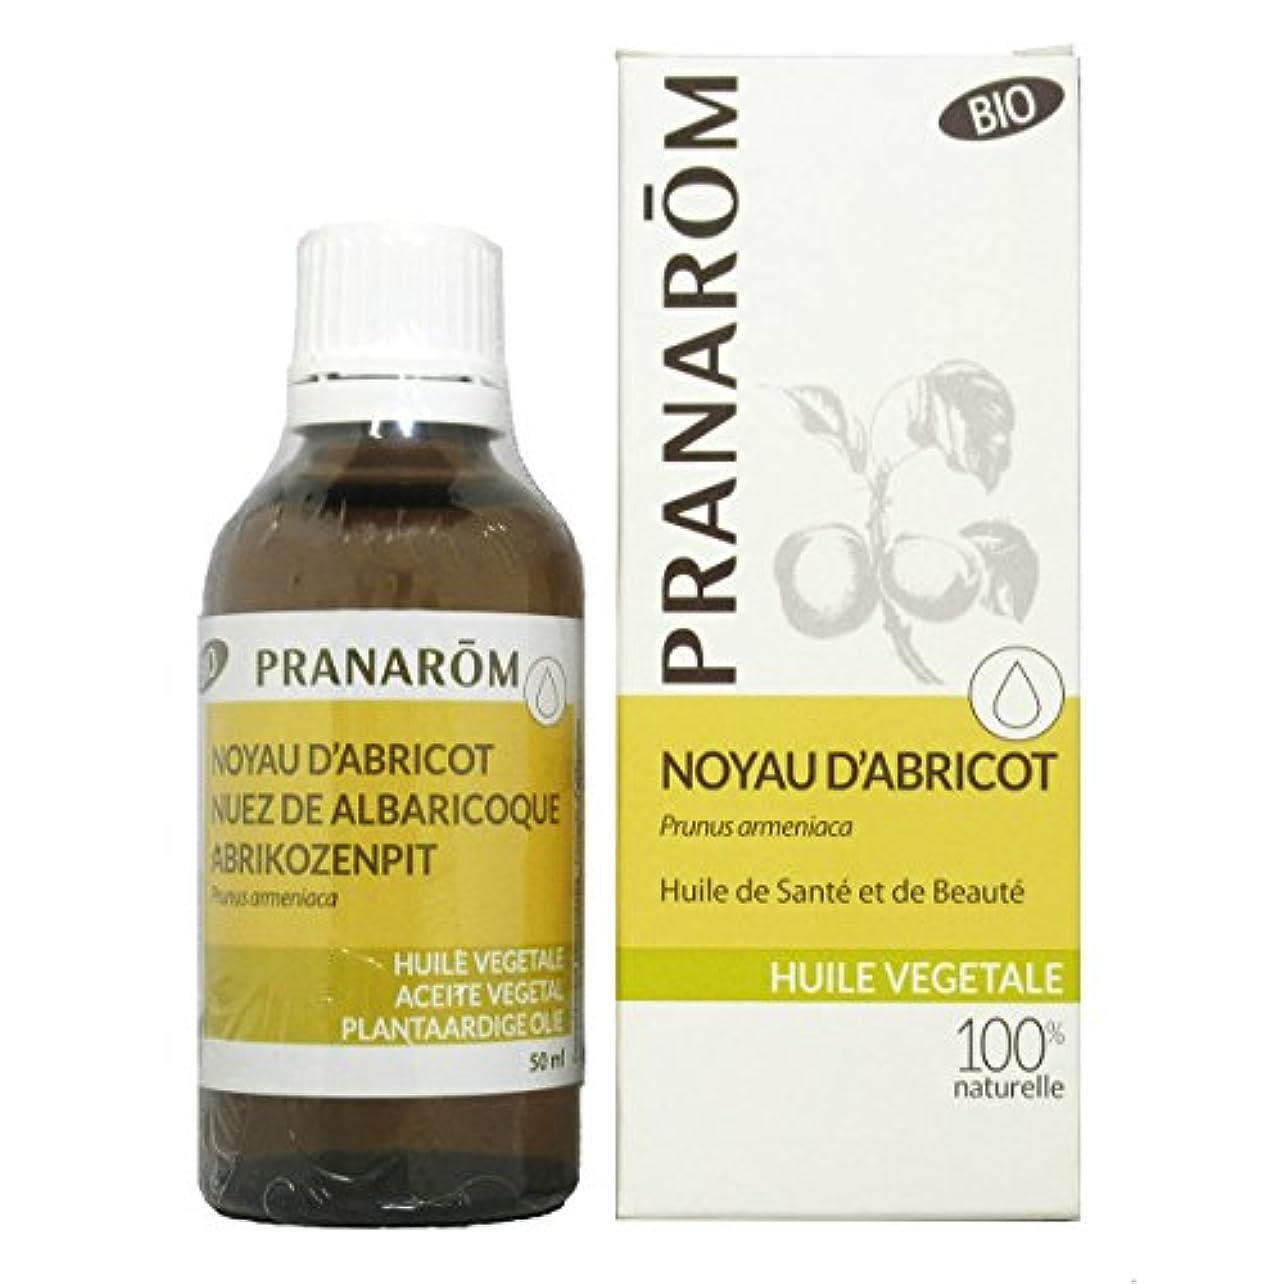 実験をするレキシコン唇プラナロム アプリコットオイル 50ml (PRANAROM 植物油)